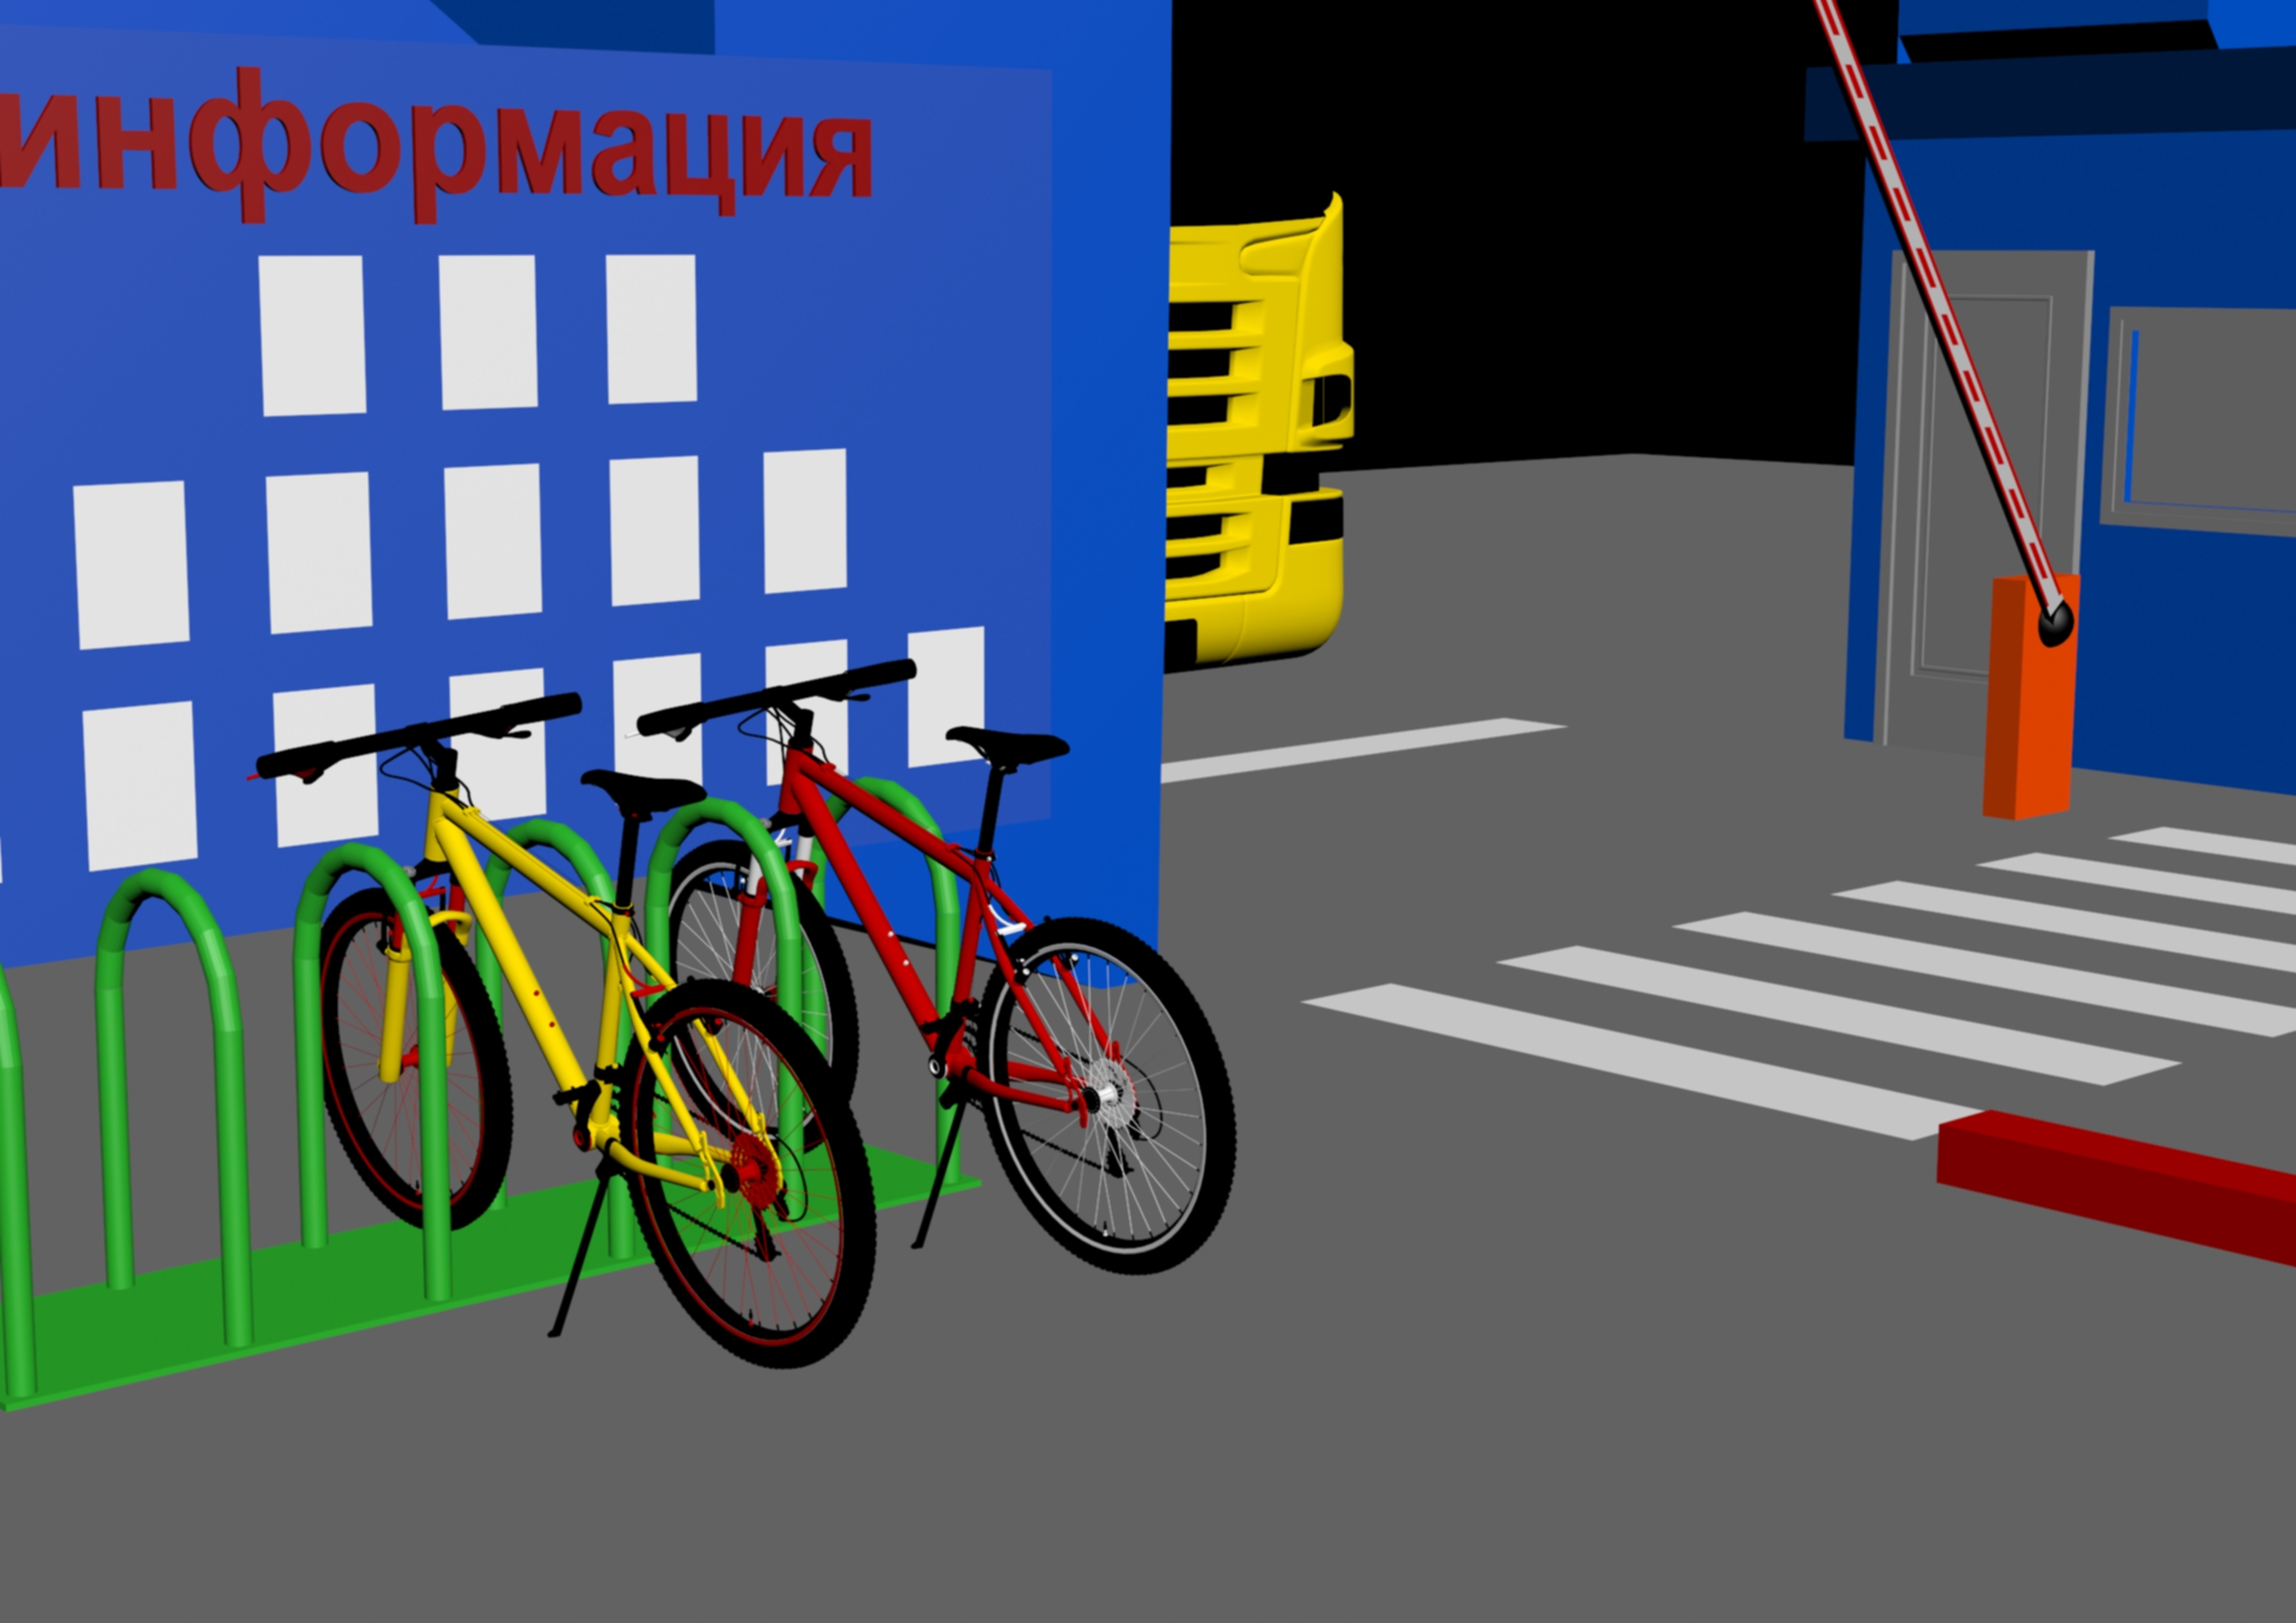 Дизайн Входной группы Торгово Складского Комлекса фото f_20452e9dea36f8b0.jpg